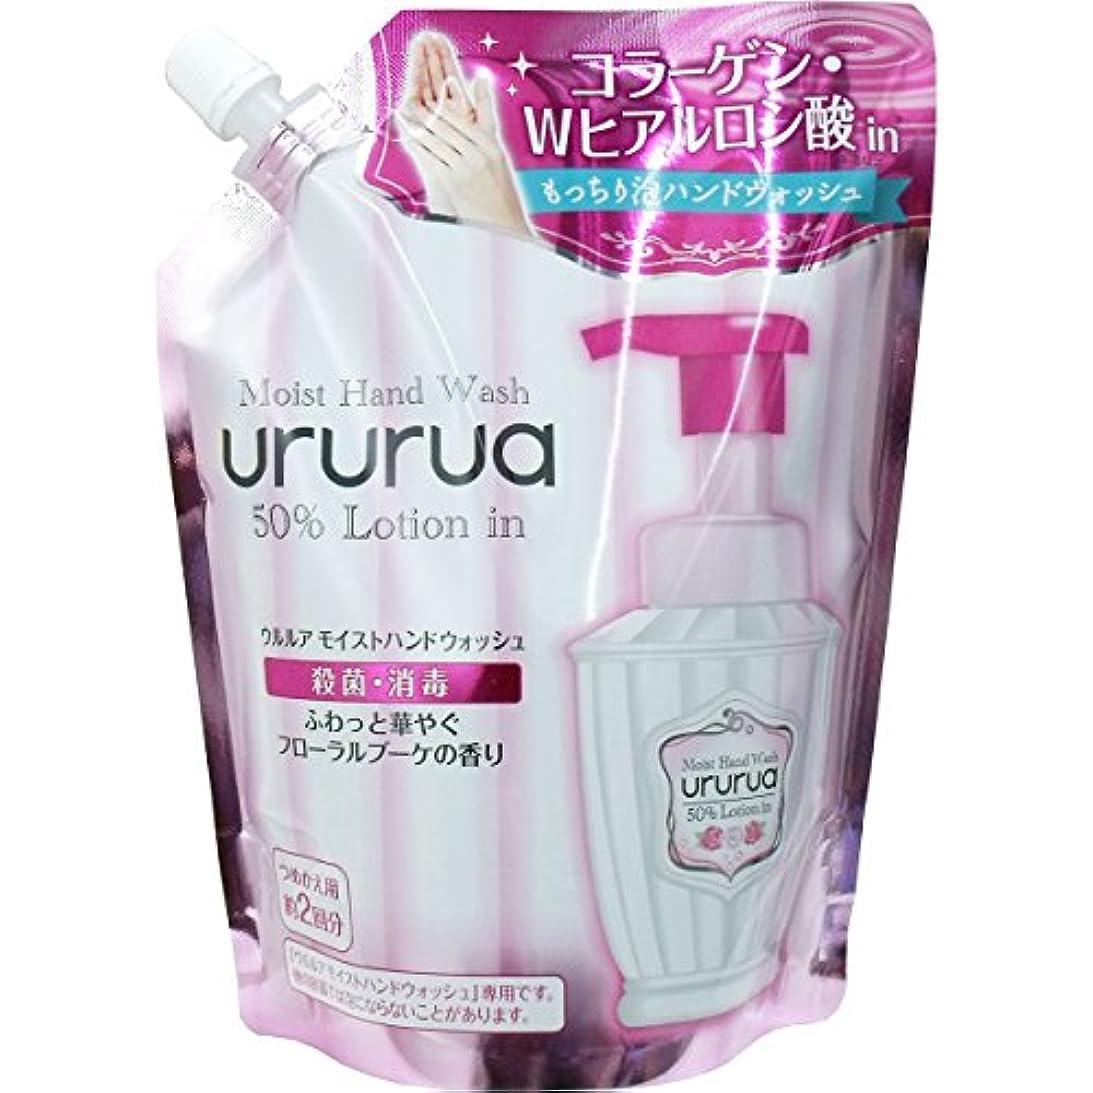 かかわらず男らしい言い訳【牛乳石鹸】ウルルア モイストハンドウォッシュ つめかえ用 420ml ×5個セット